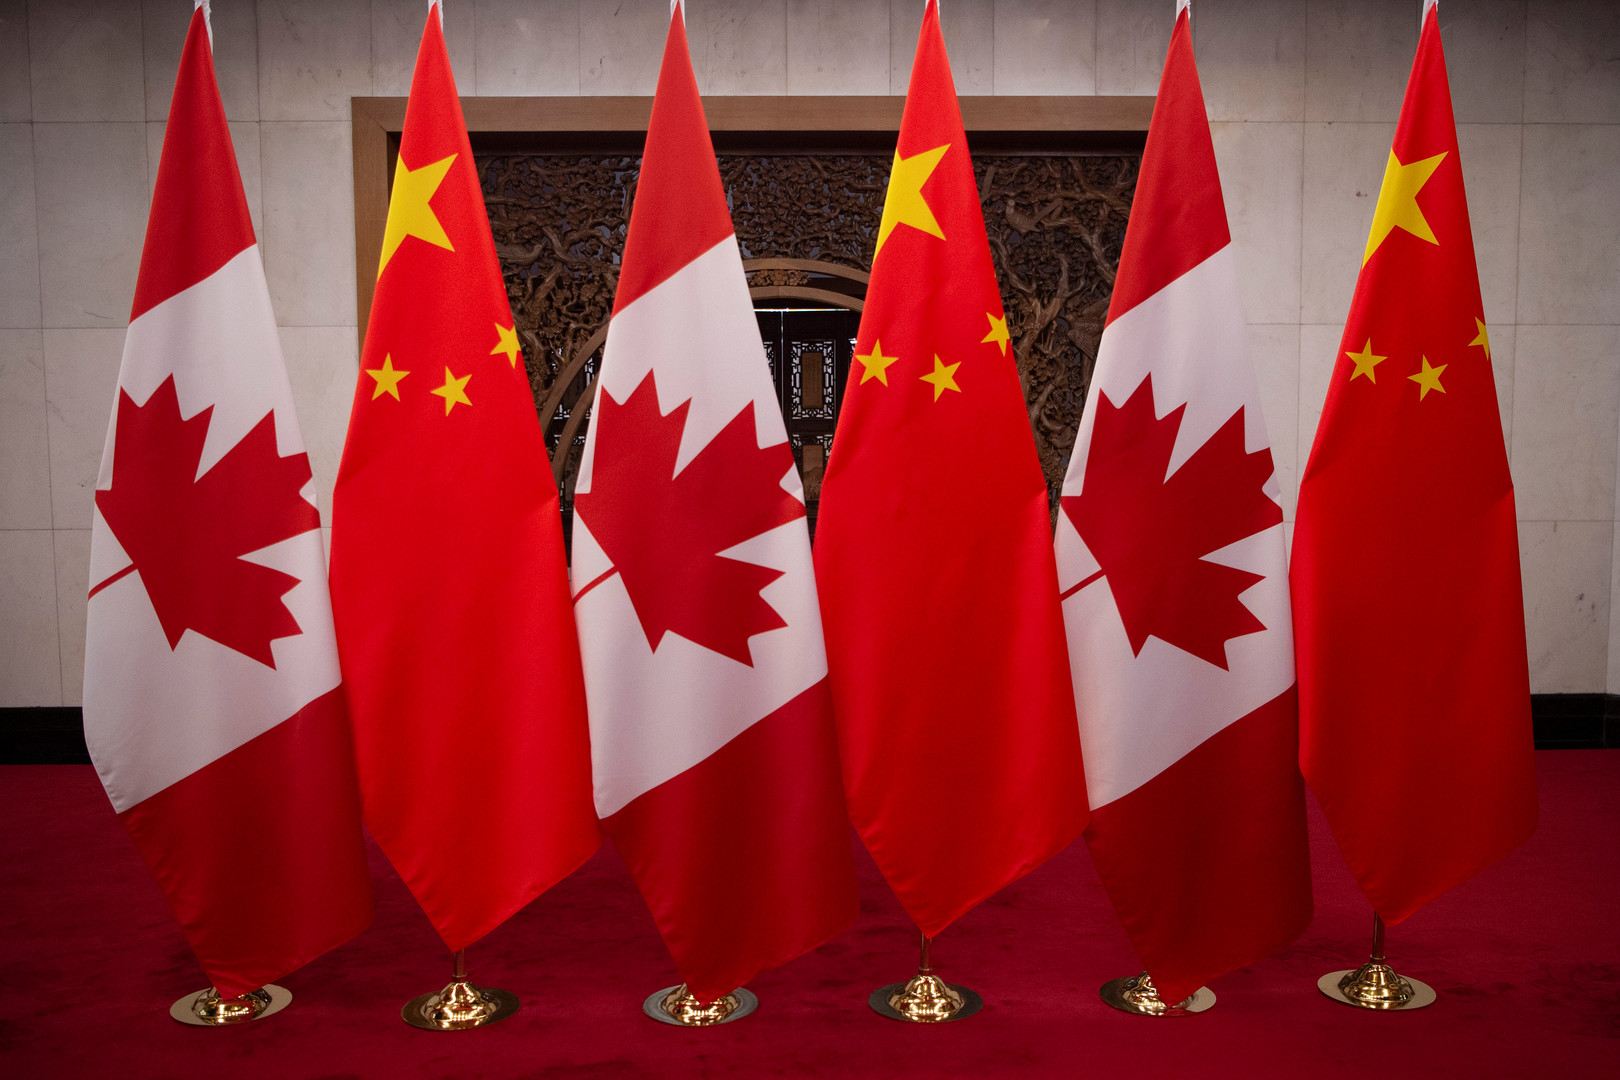 في ظل استمرار التوتر الدبلوماسي.. الصين تحتجز كنديا جديدا